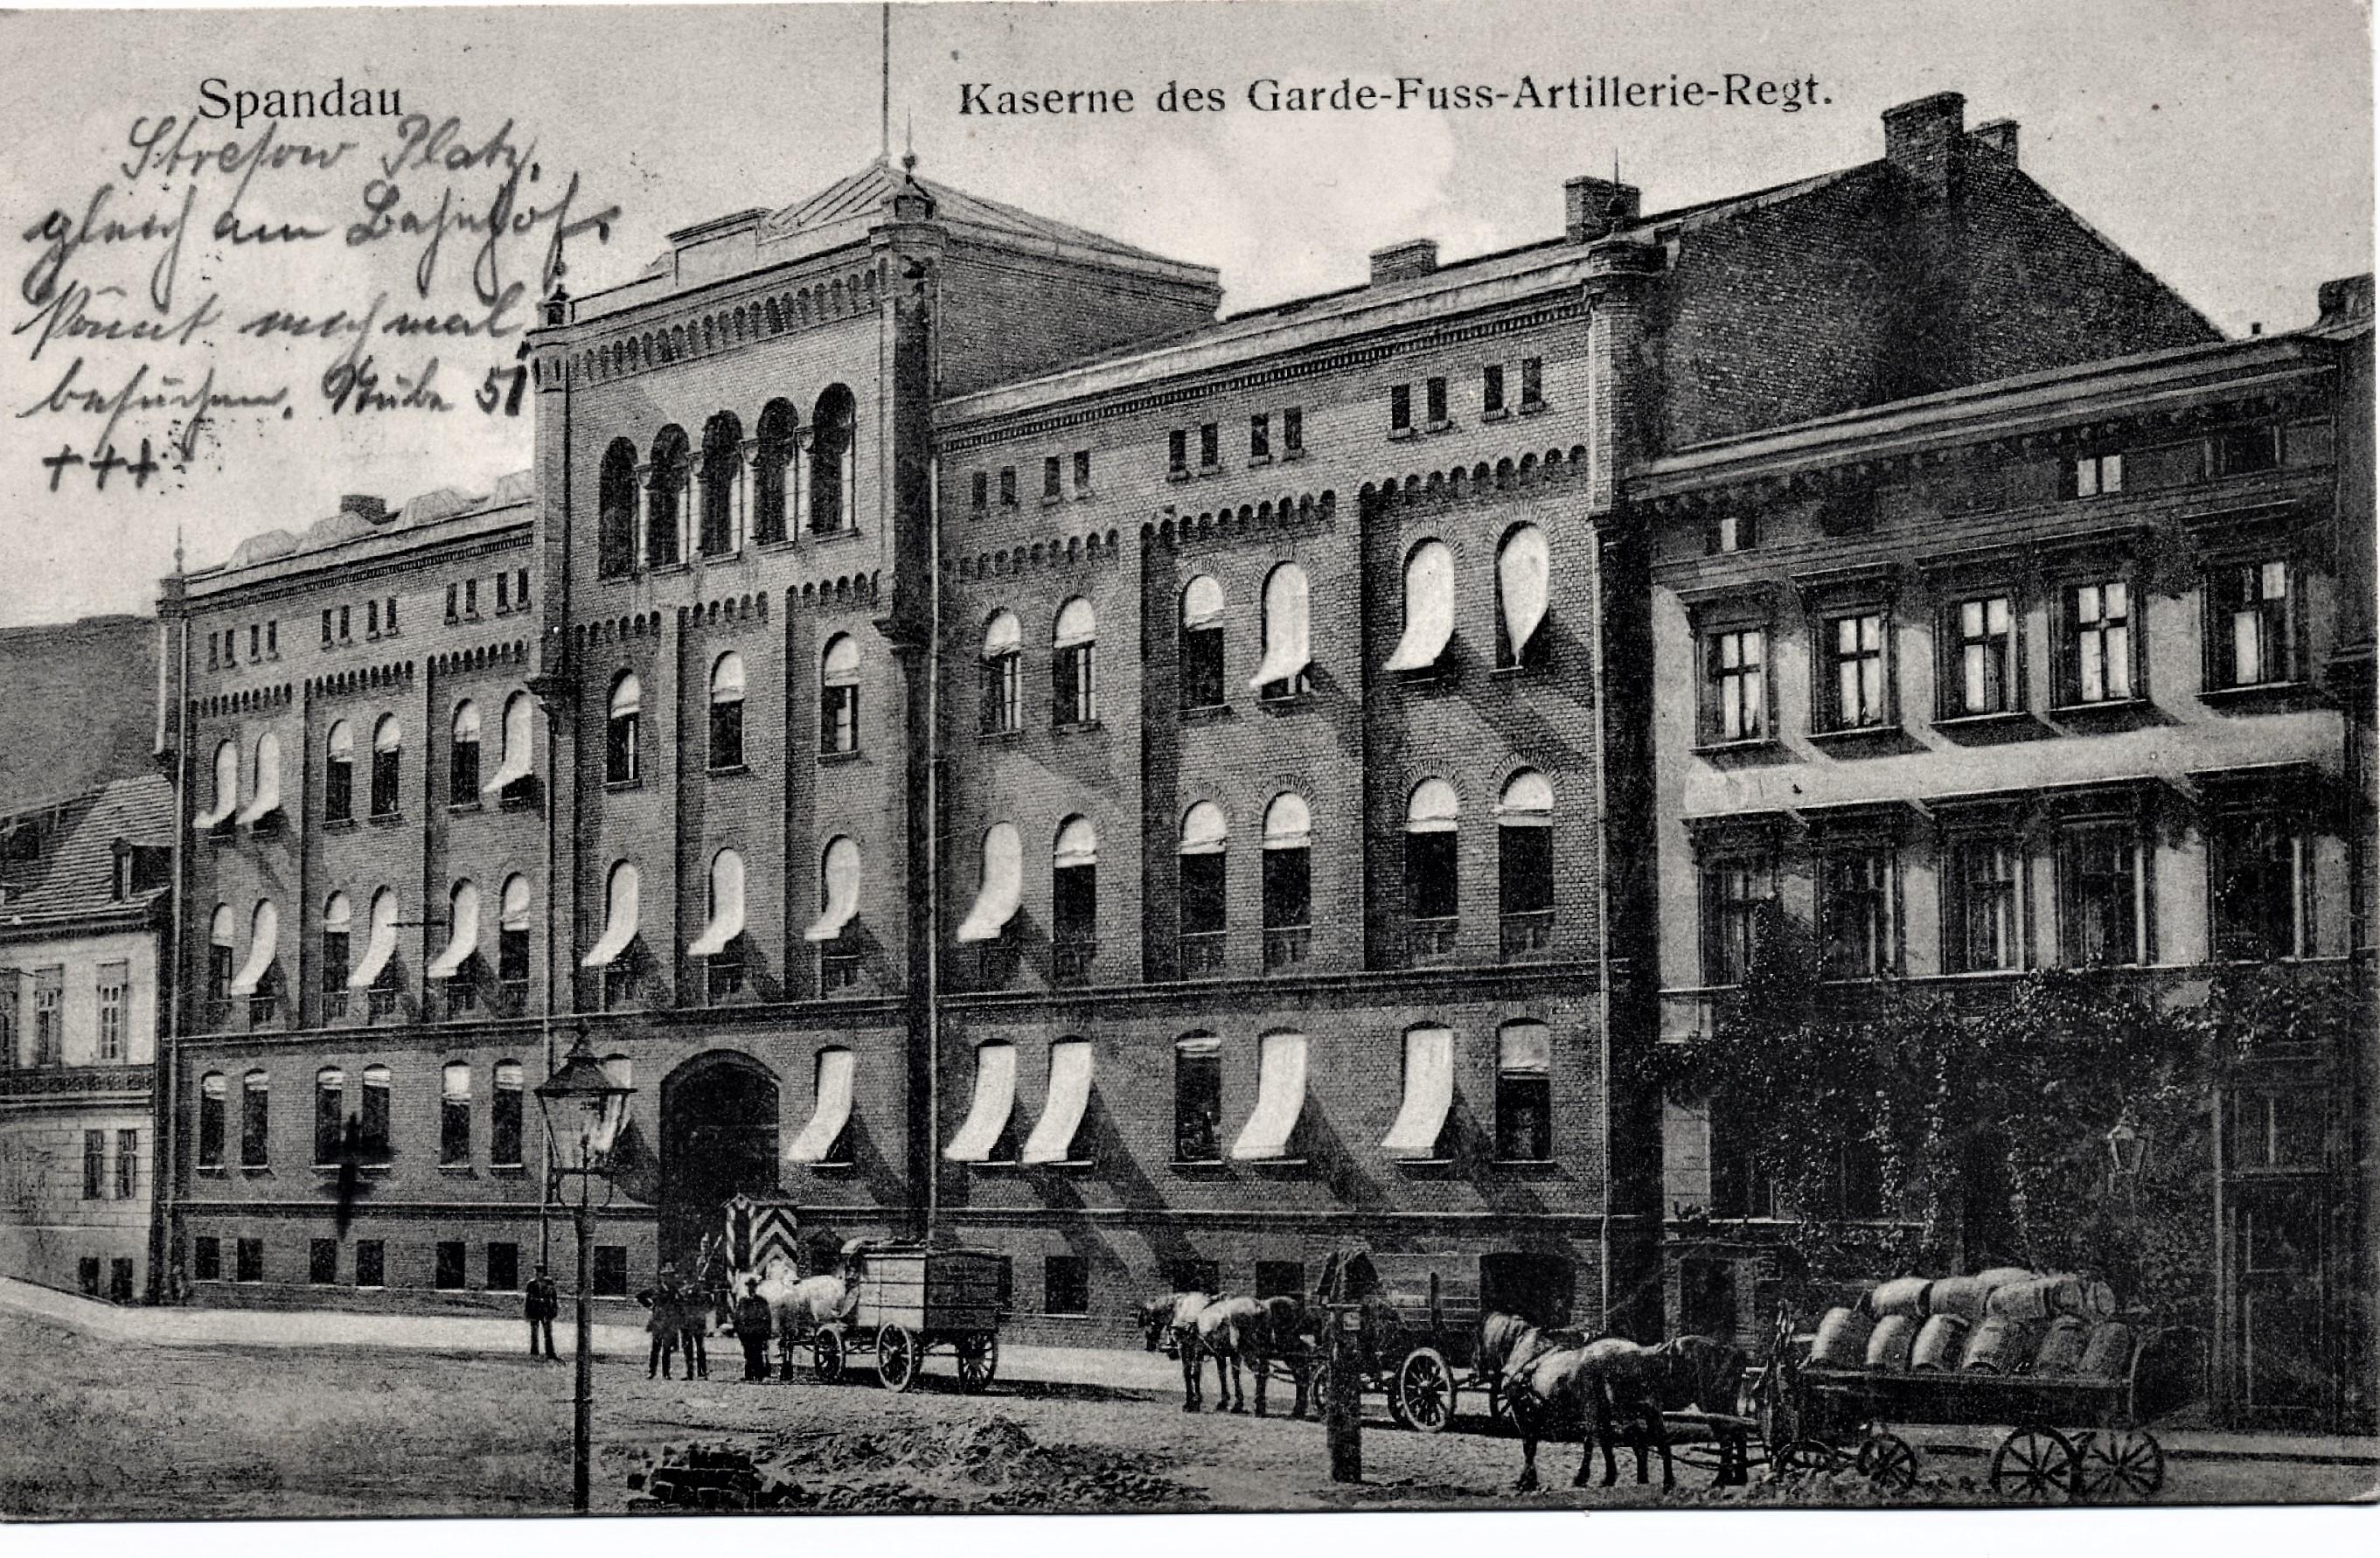 Ak Berlin file ak berlin spandau kaserne 1913 jpg wikimedia commons